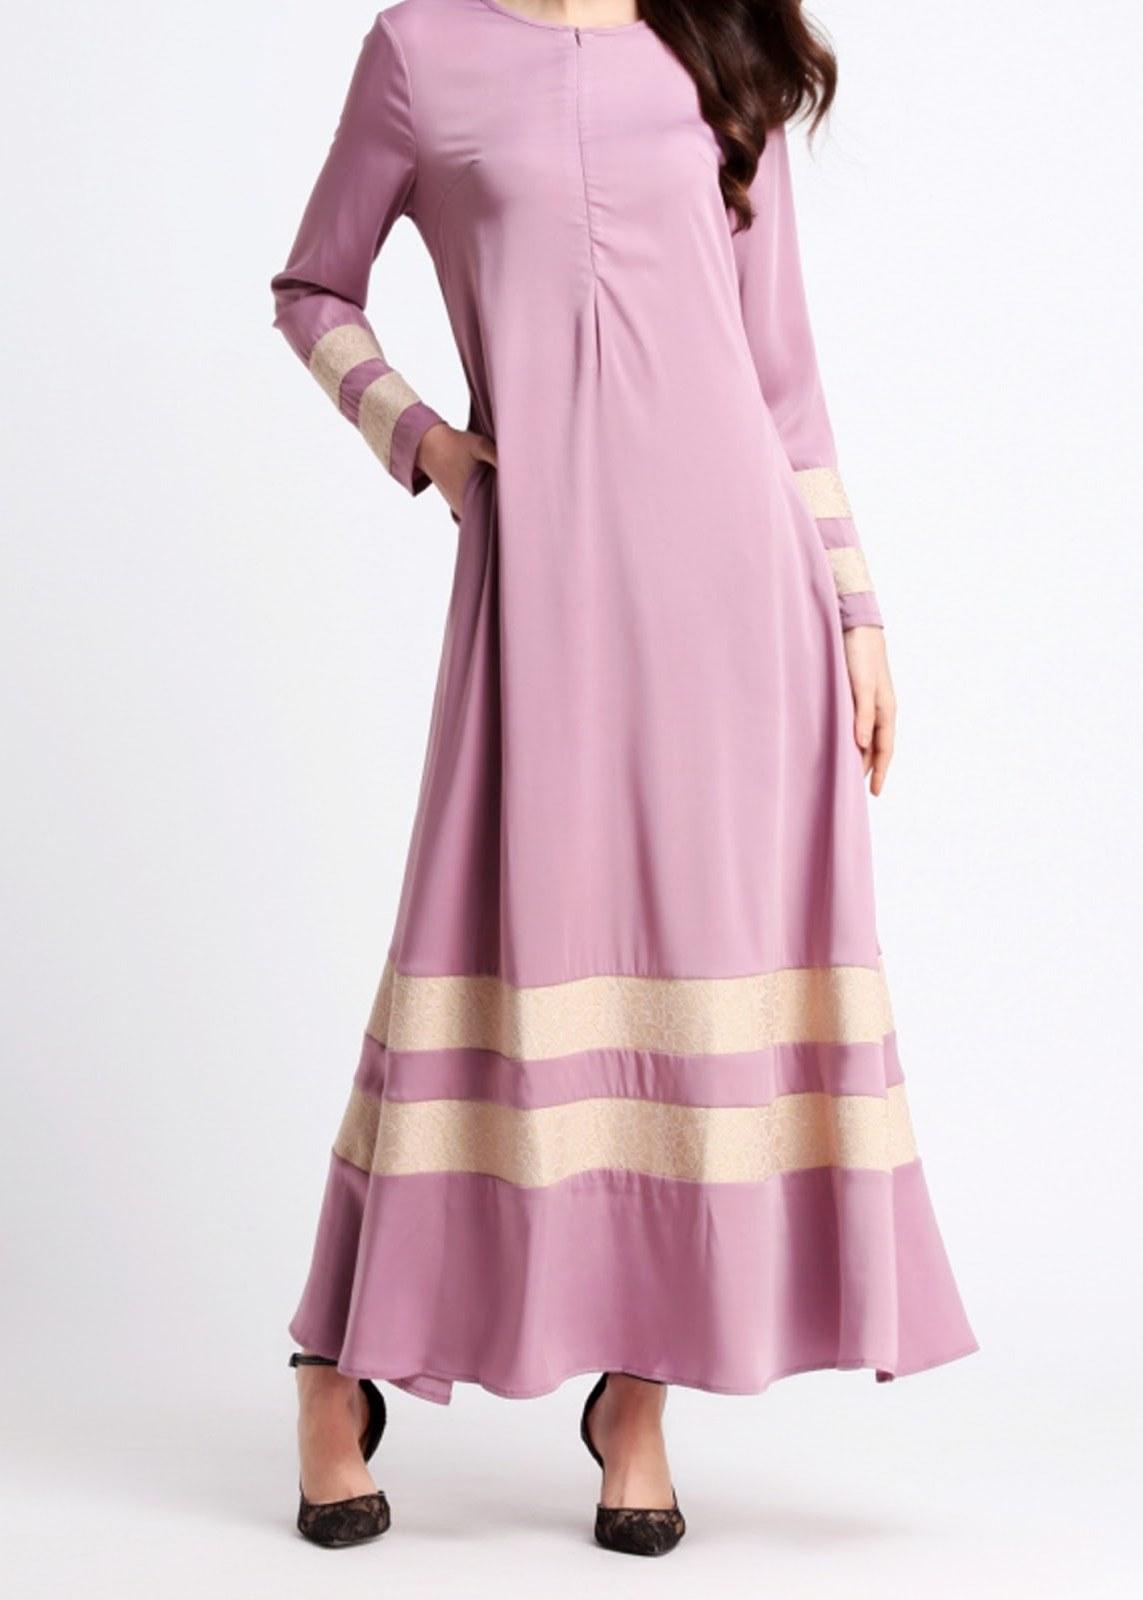 Ide Jual Baju Pengantin Muslimah Syar'i Budm norzi Beautilicious House Nbh0491 Insyikah Jubah Nursing